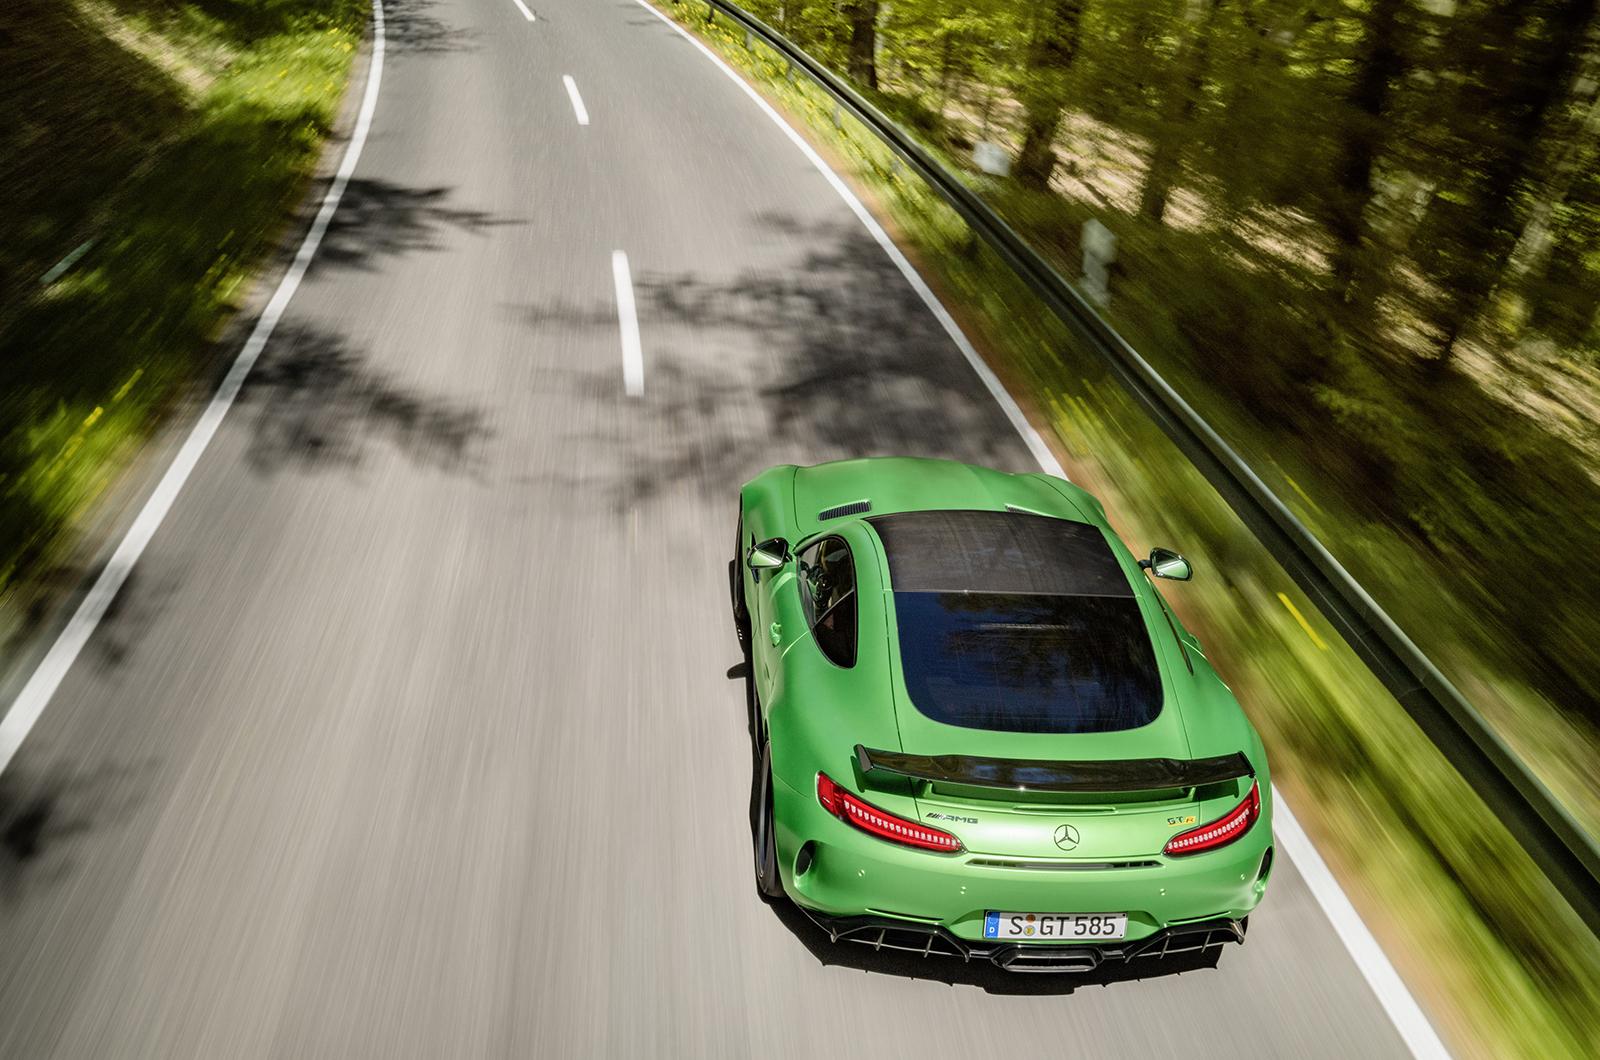 Mercedes AMG GT R Desktop Images